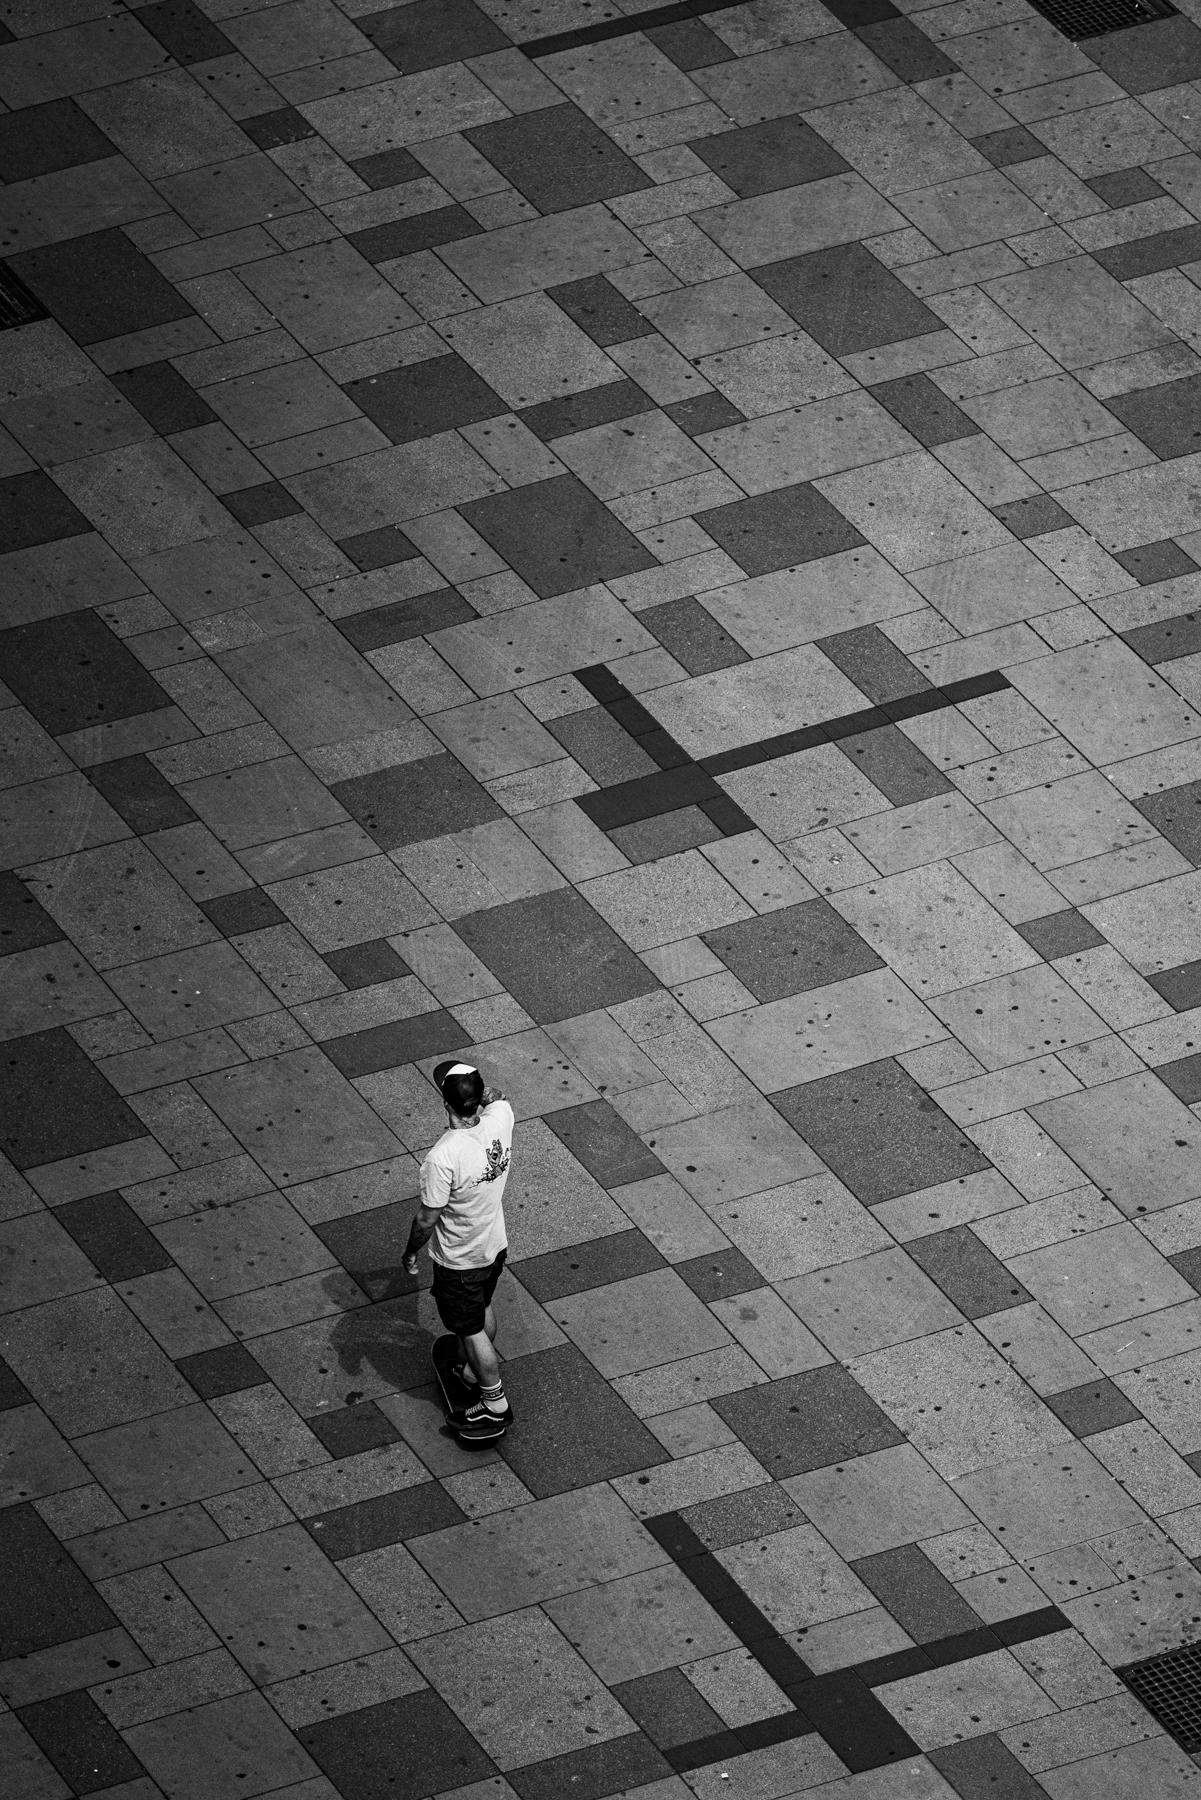 Ein bissl Streetphotography